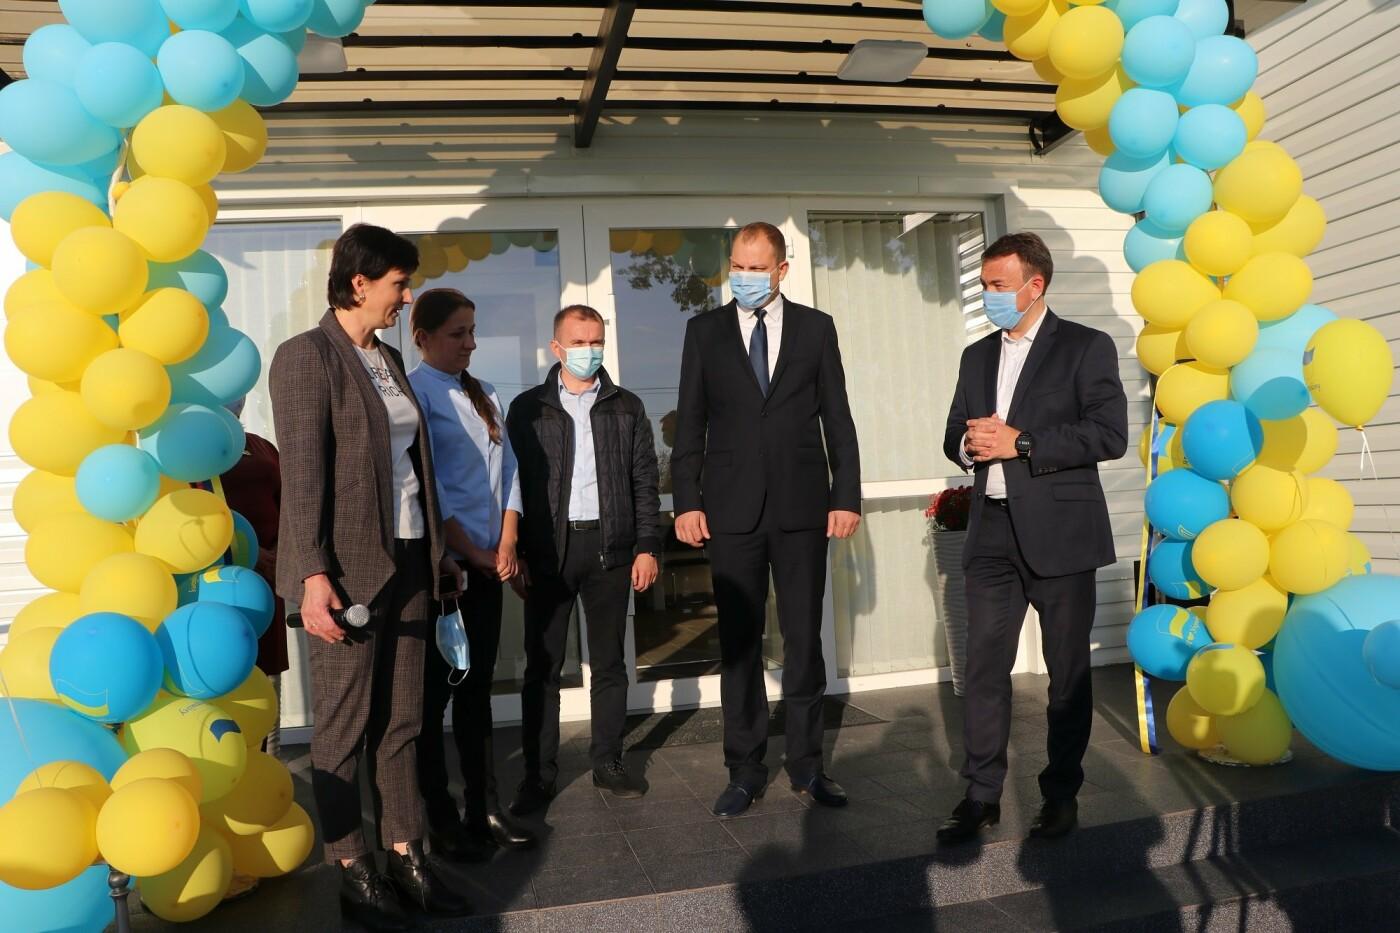 Олексій Петров продовжує відкривати нові сучасні амбулаторії по всьому Закарпаттю (ФОТО), фото-3